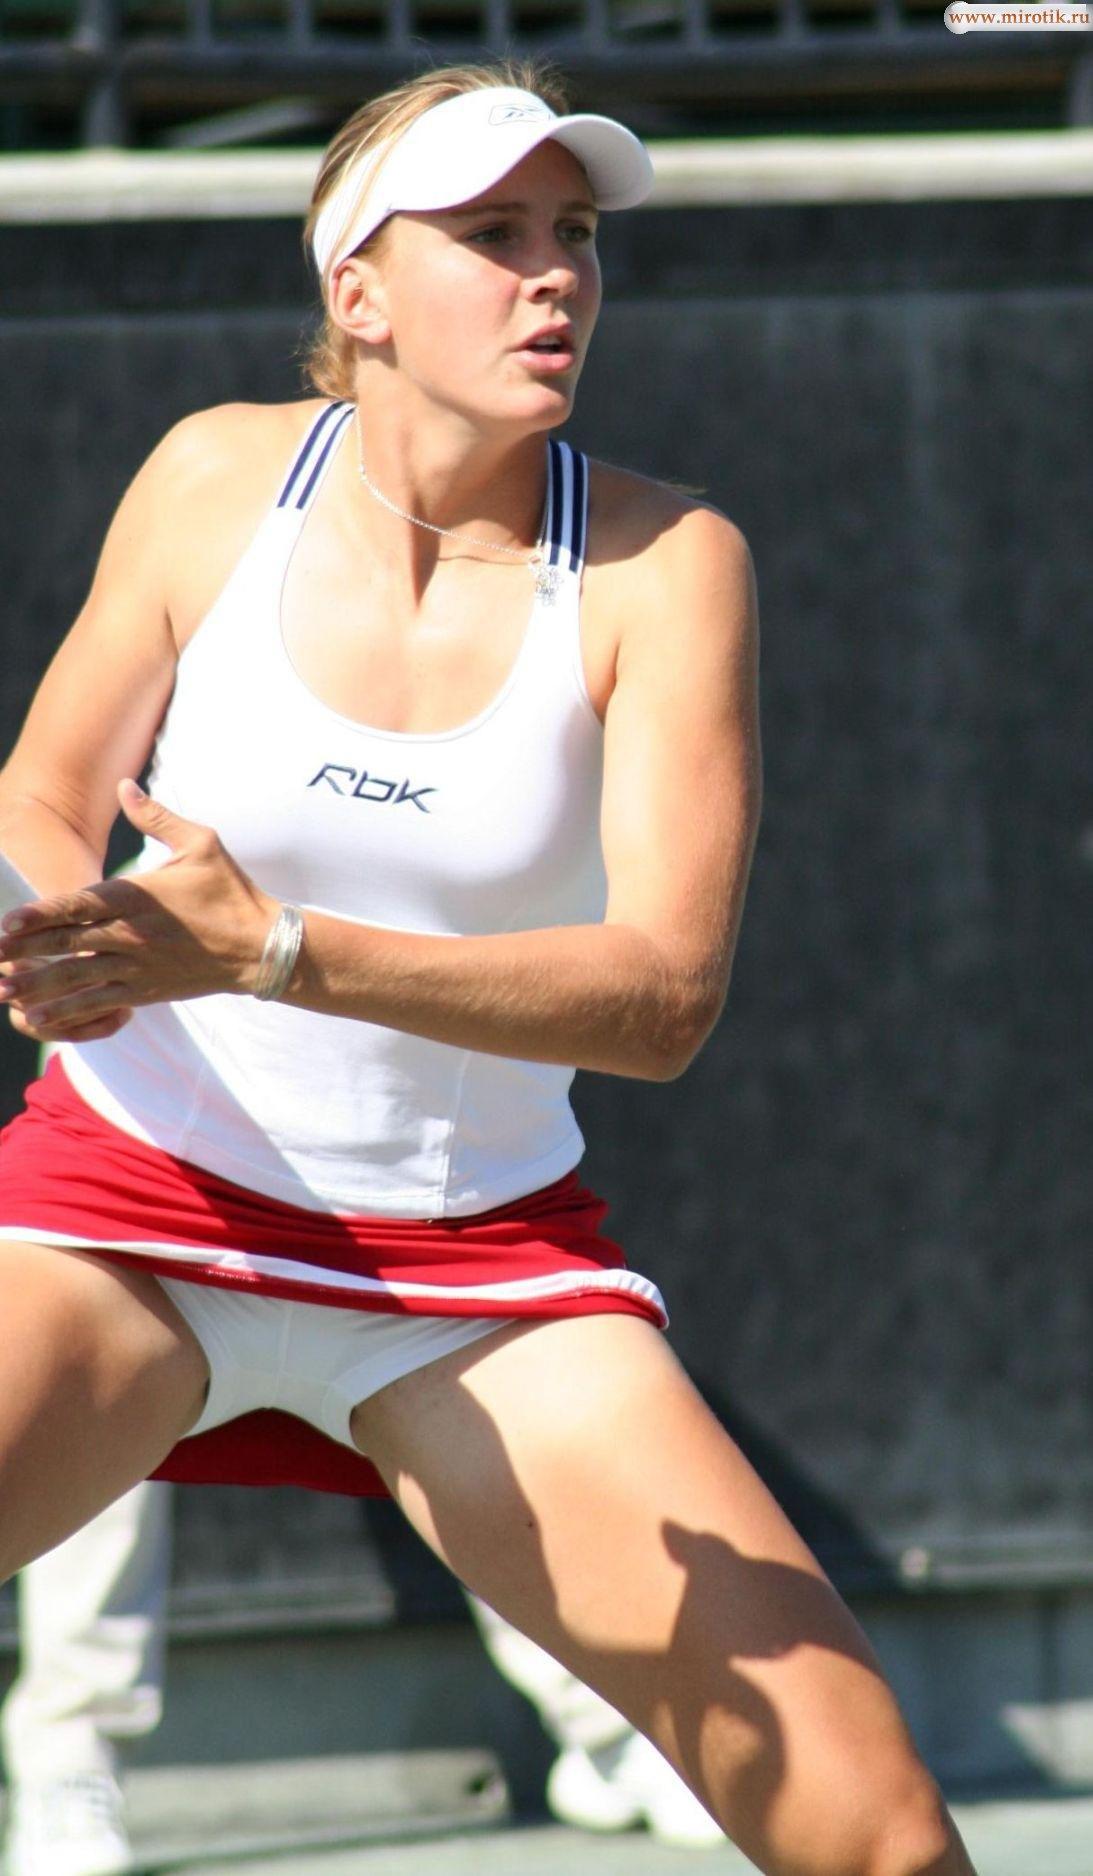 Теннисистка под юбкой без трусов 12 фотография